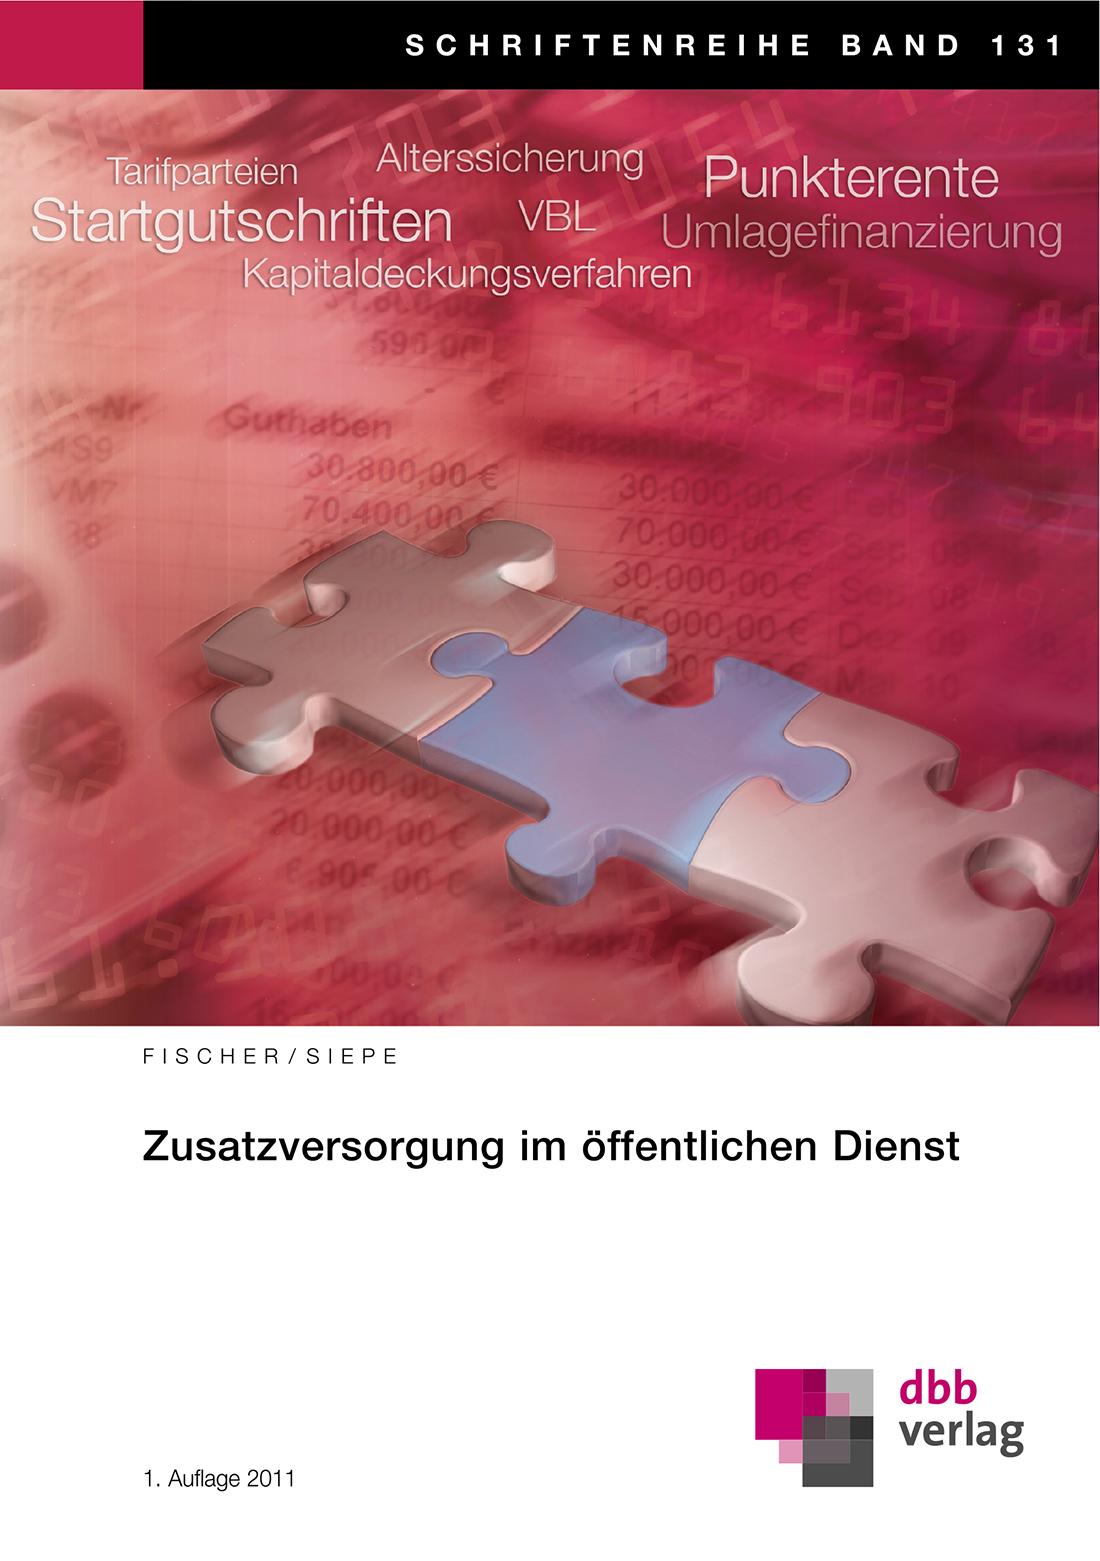 Zusatzversorgung im öffentlichen Dienst © DBB Verlag GmbH